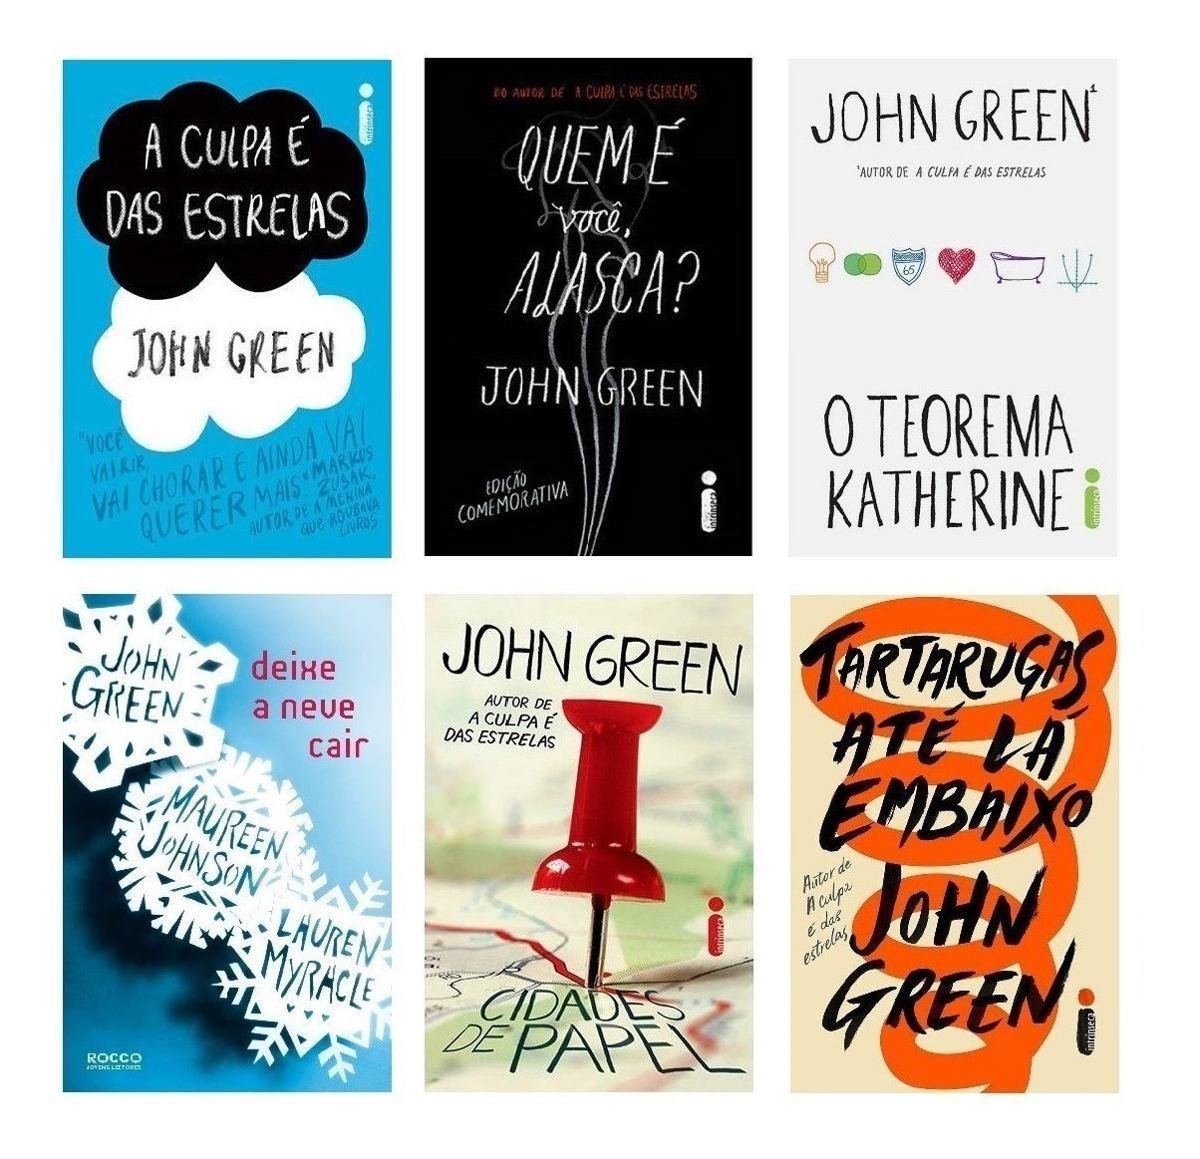 Top 3 livros de John Green